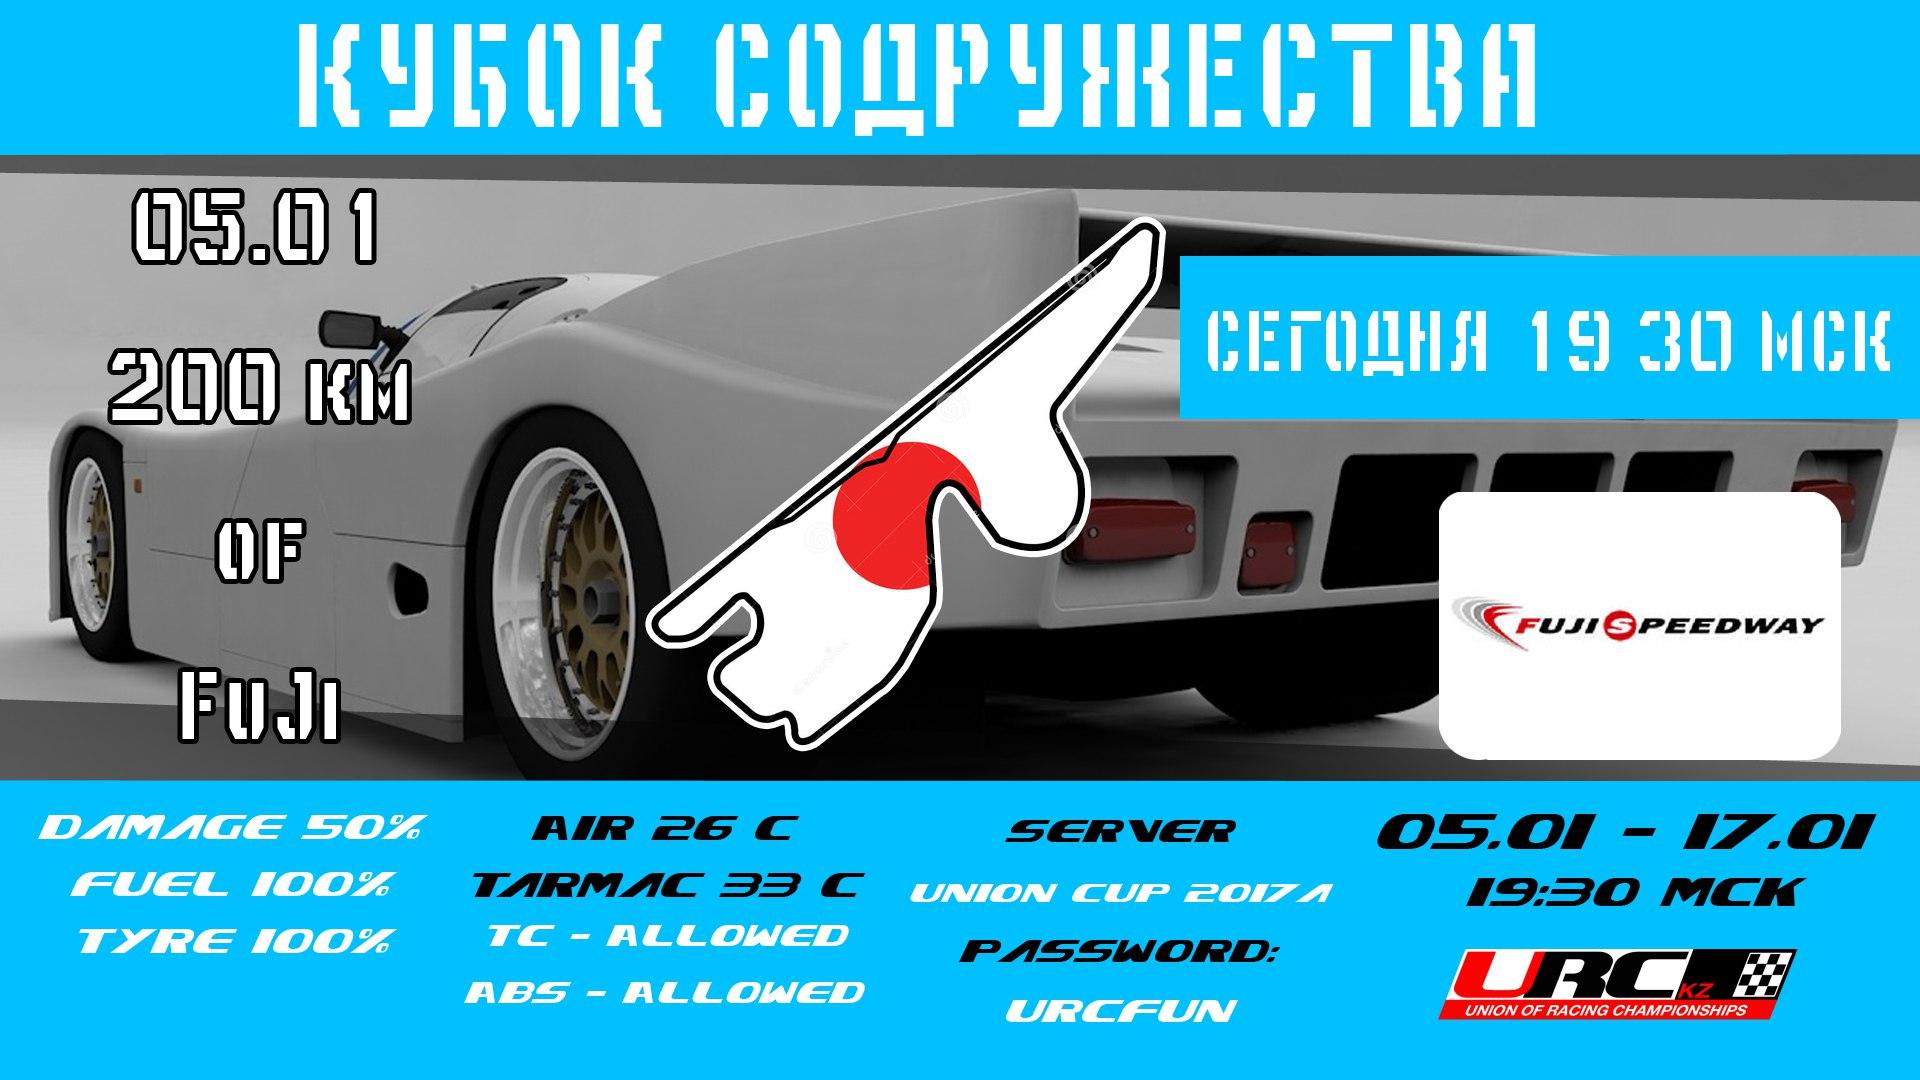 NN_n1pWGMxY.jpg